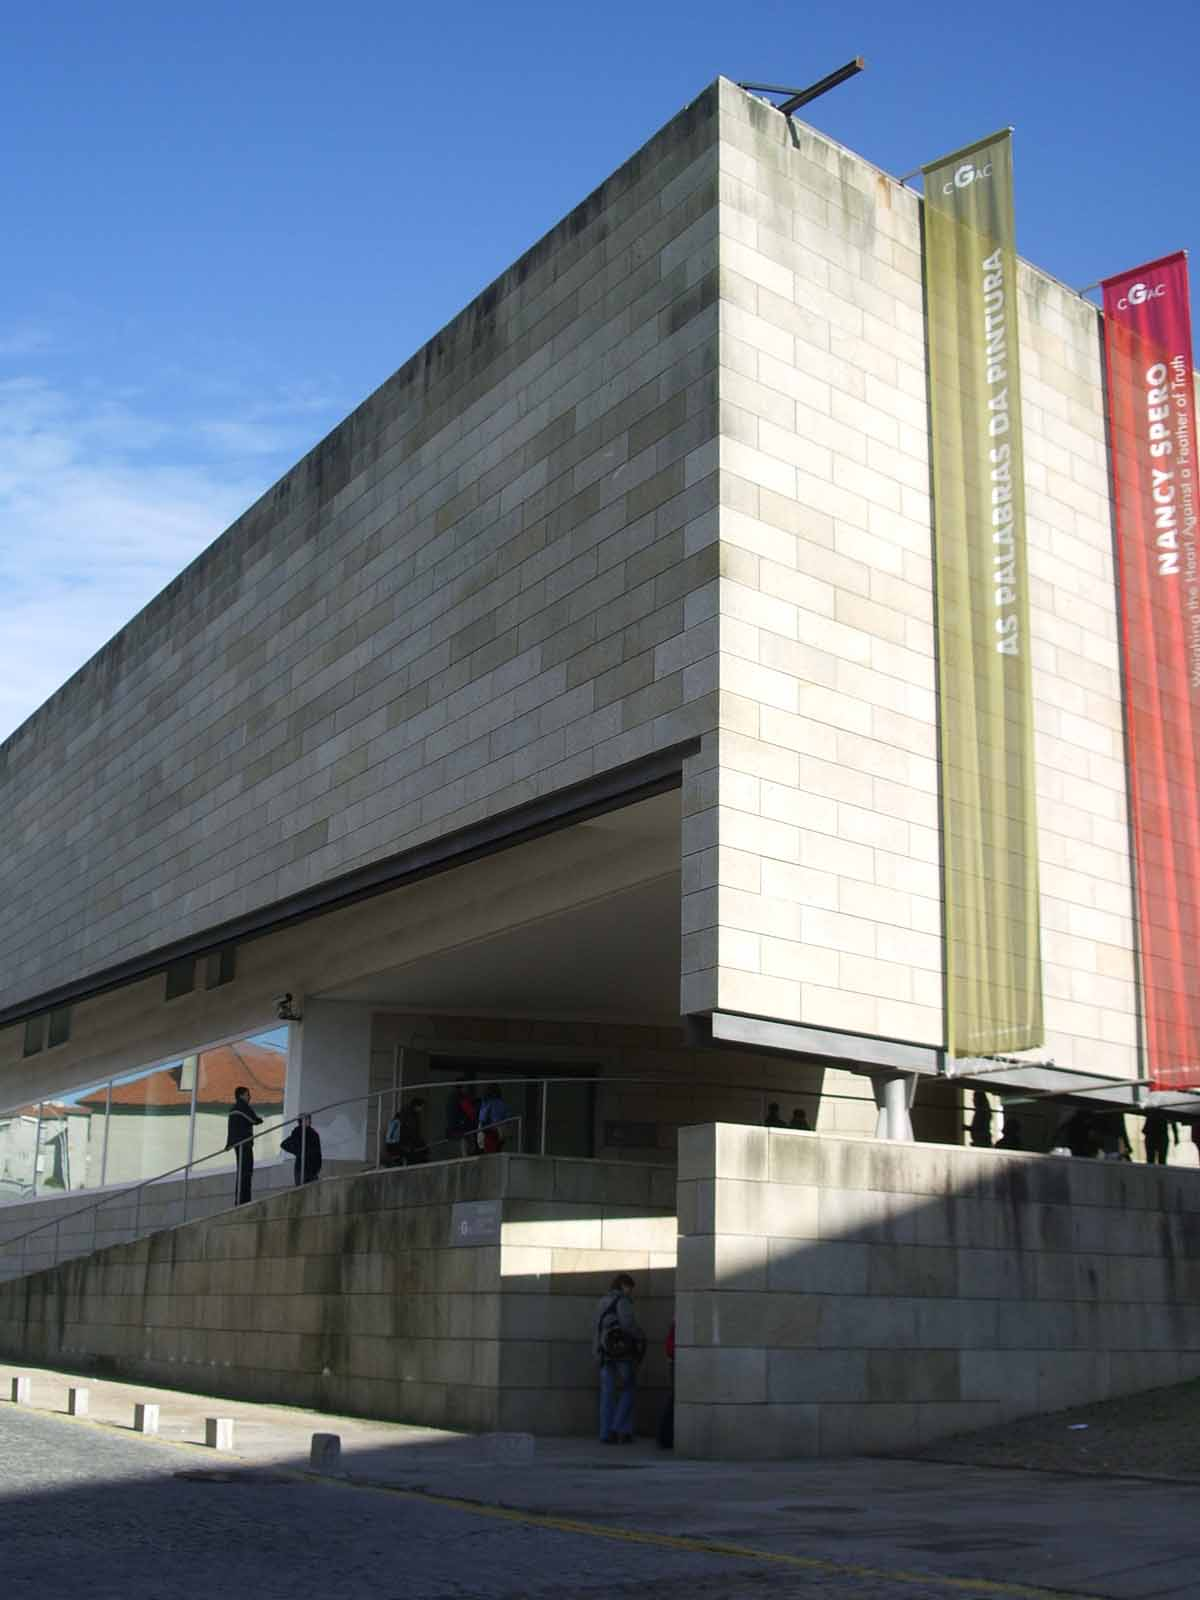 Centro Galego de Arte Contemporáneo